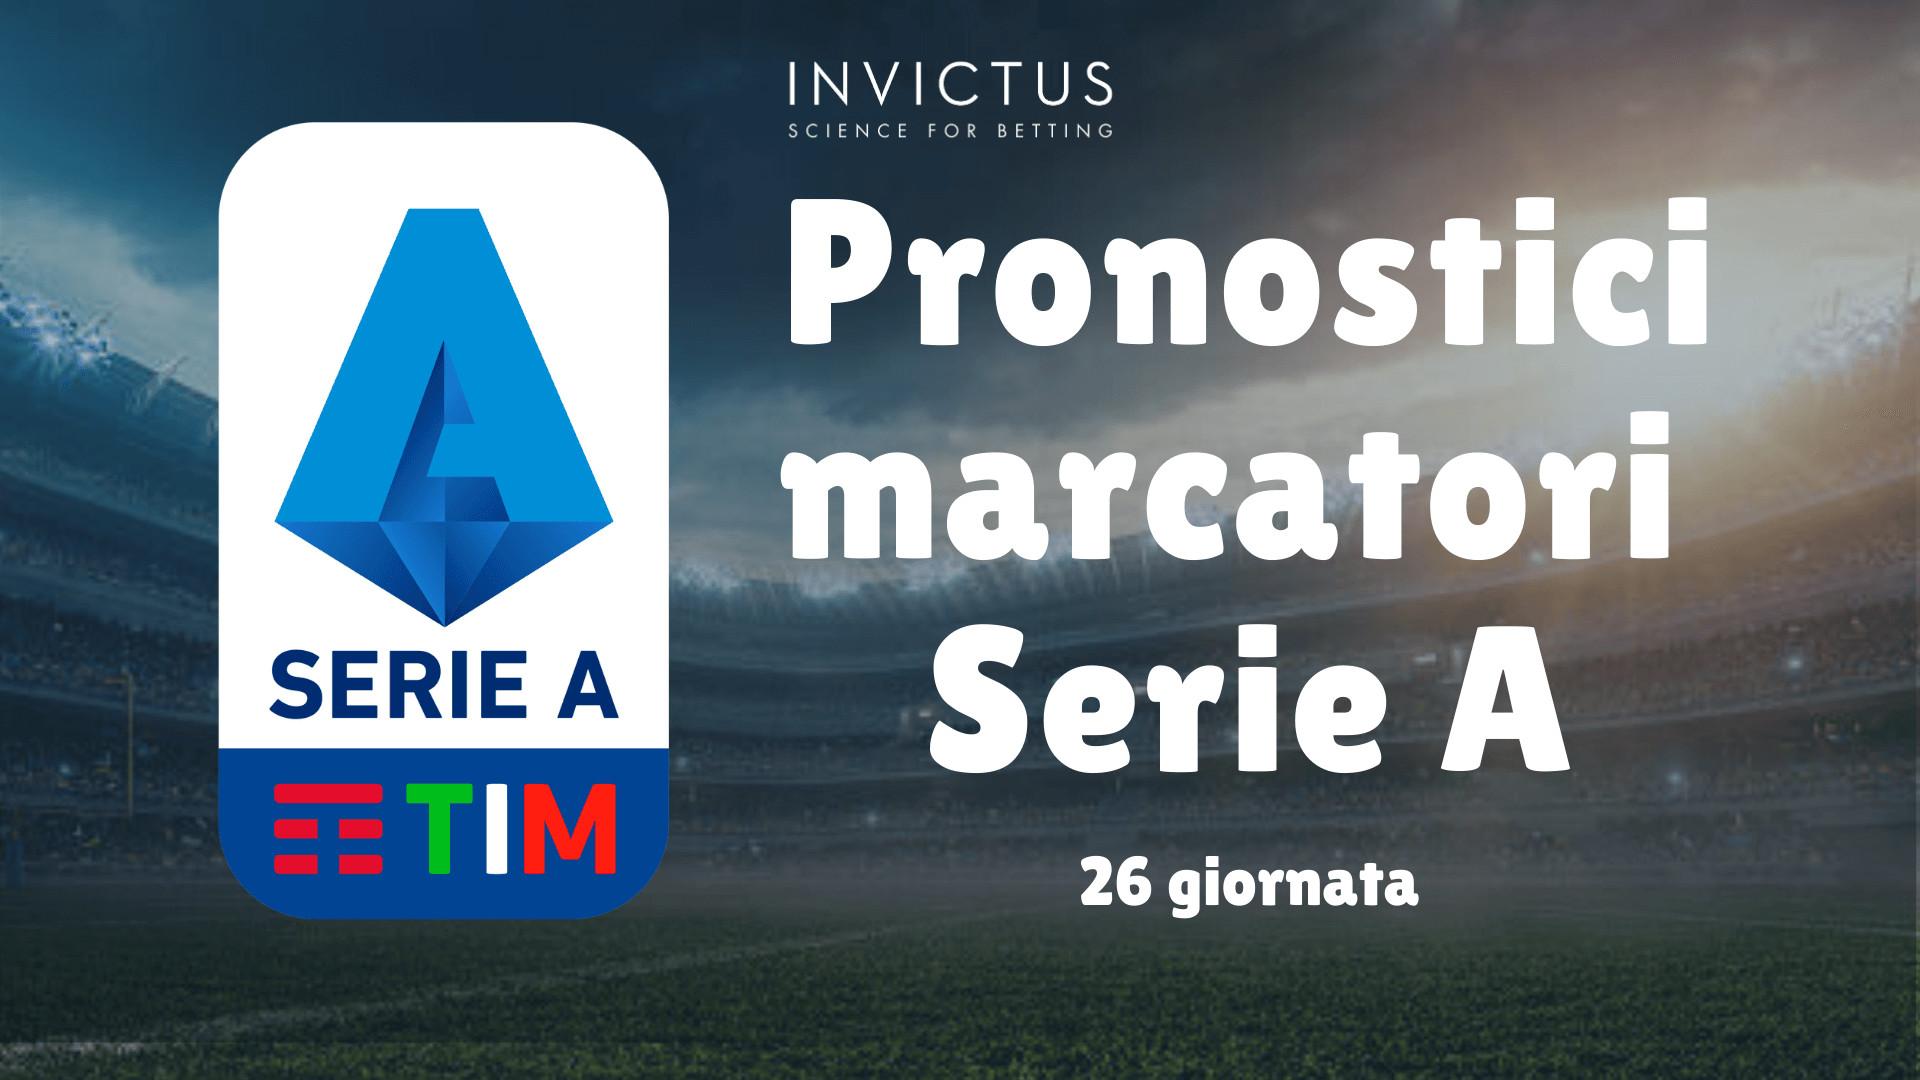 Pronostici Marcatori Serie A 26 Giornata Invictus Blog